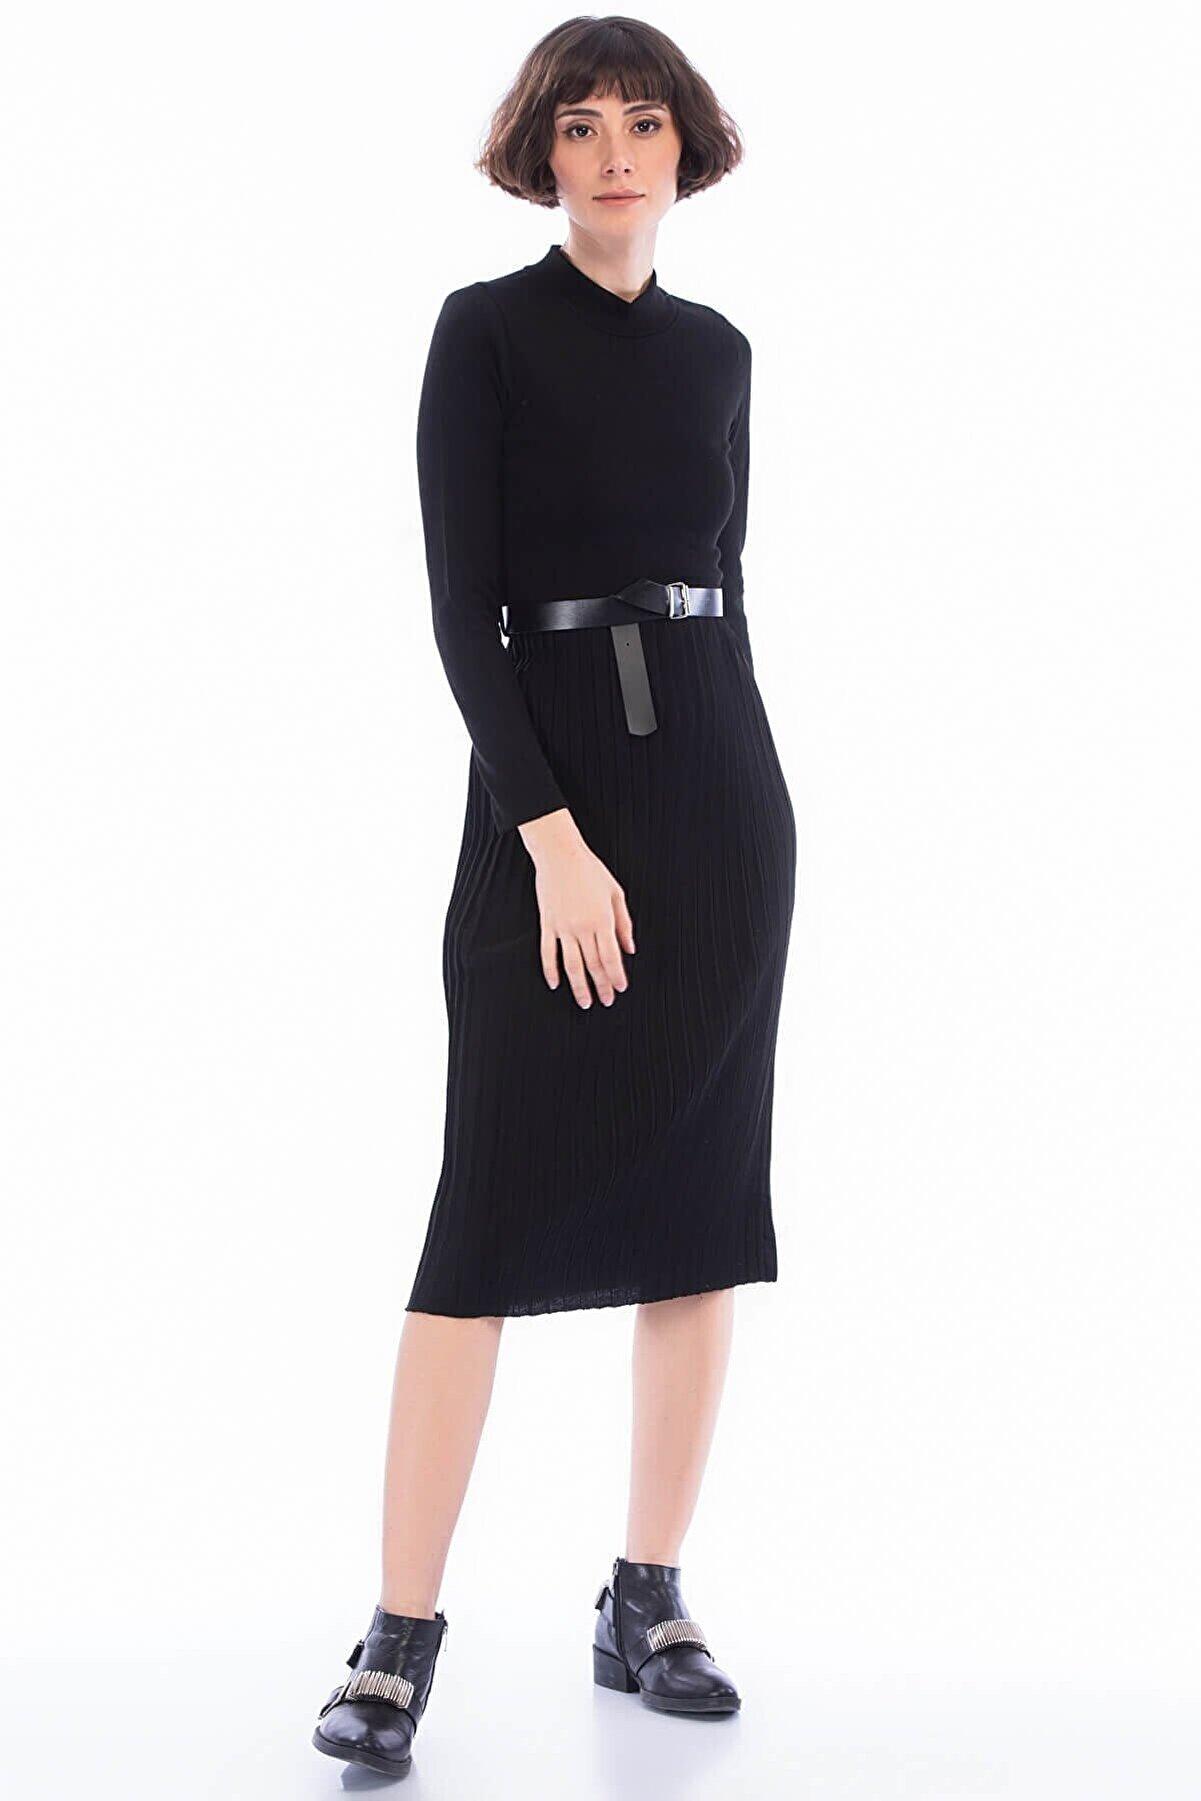 Cotton Mood 8451048 Akrilik Eteği Pliseli Yarım Balıkçı Elbise Sıyah